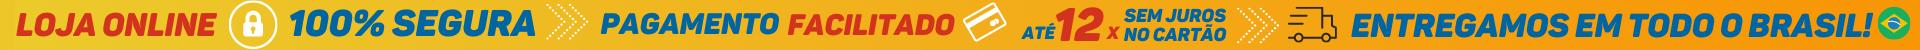 banner pagamento